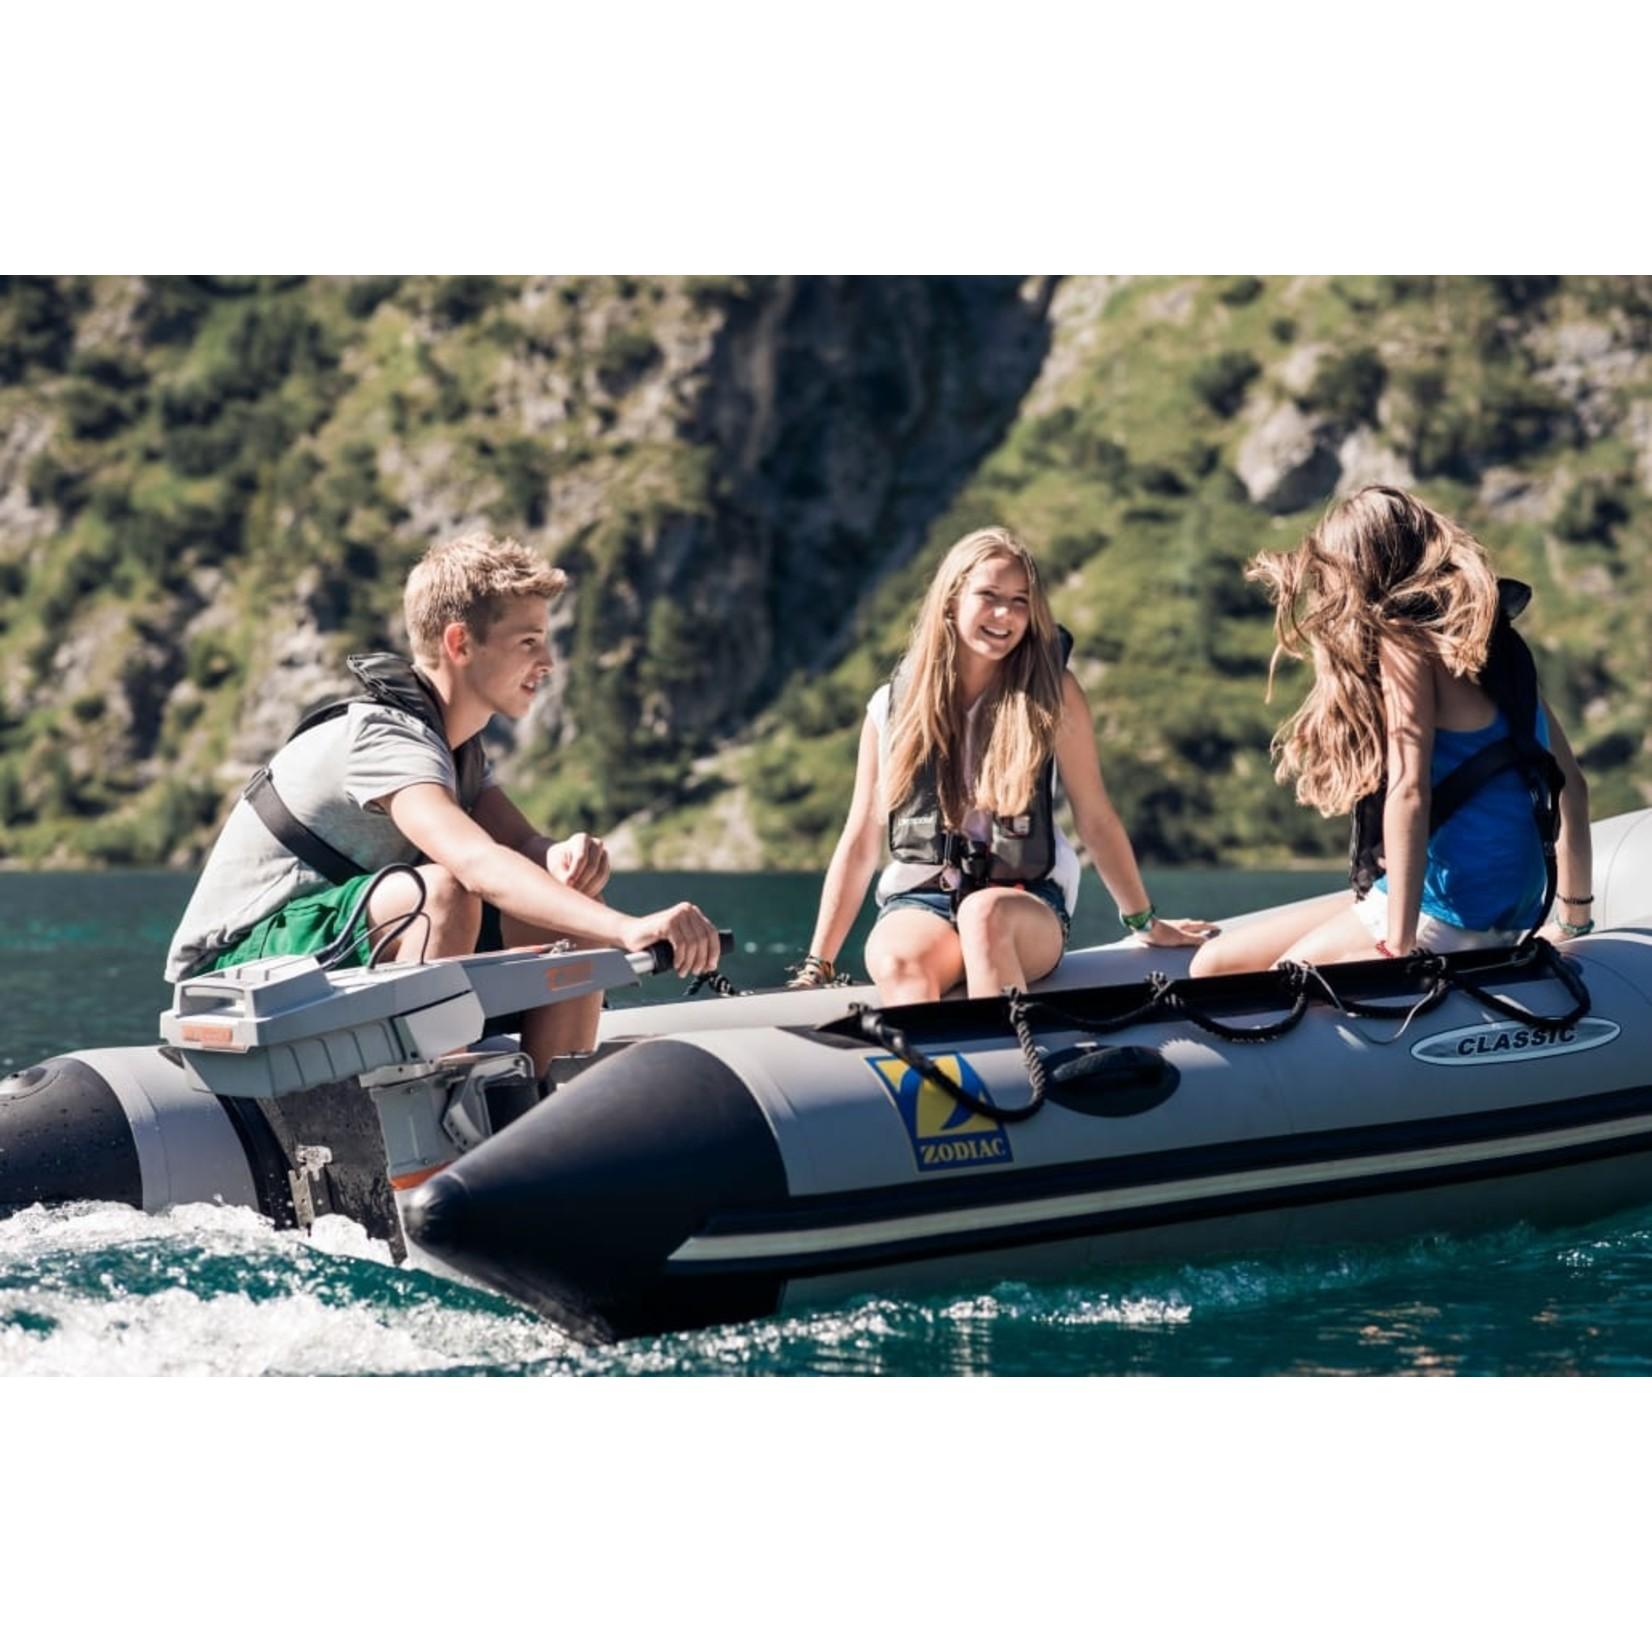 Torqeedo Torqeedo Travel 1103 CL electric outboard engine - longshaft